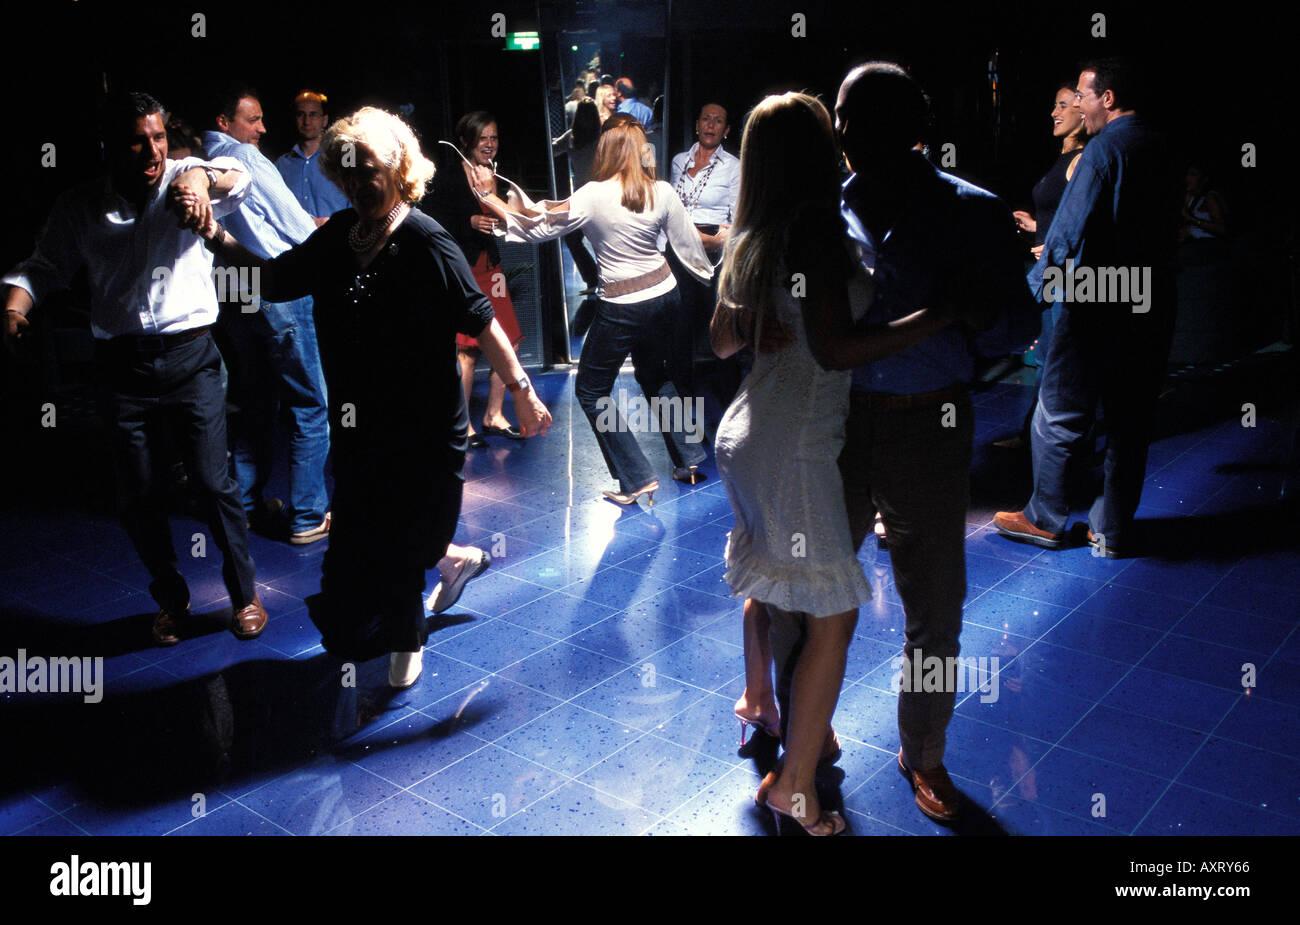 Passeggeri Ballare in discoteca della nave da crociera MSC Lirica Immagini Stock